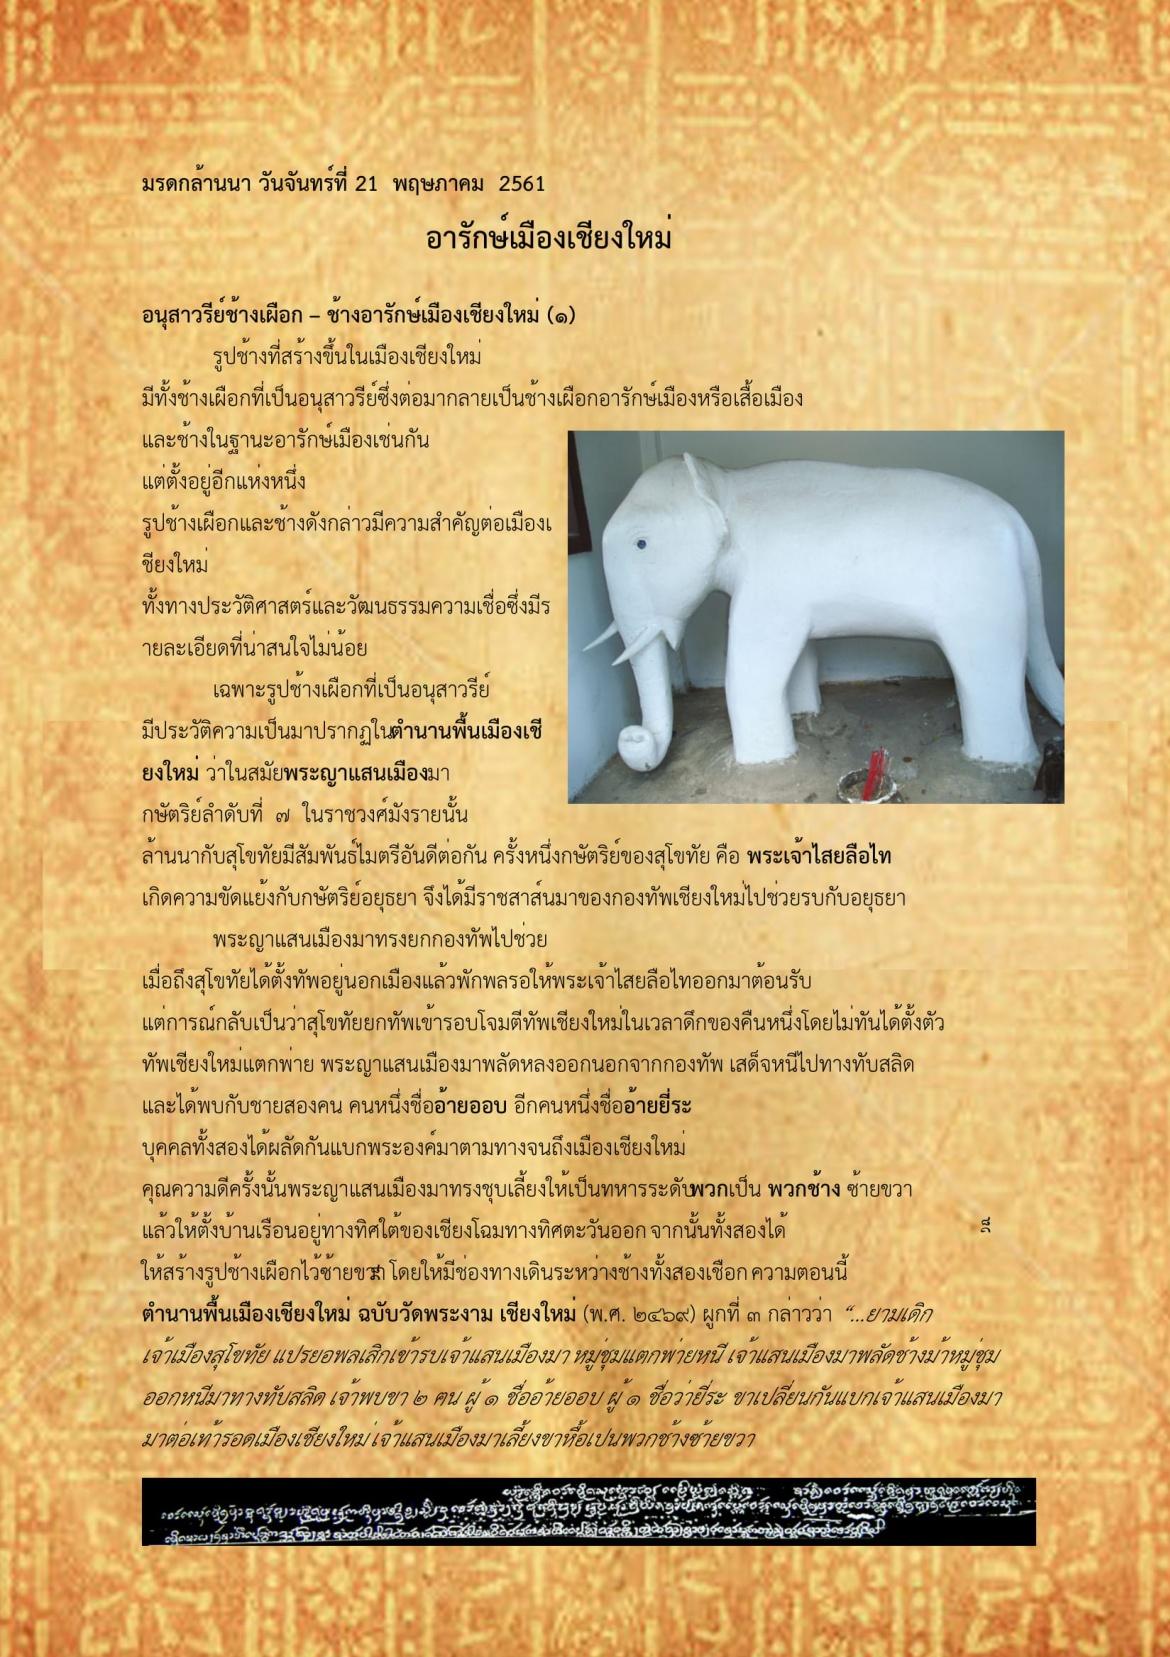 อนุเสาวรีย์ช้างเผือก - ช้างเผือกและช้างอารักษ์เมืองเชียงใหม่(1) - 21 พฤษภาคม 2561